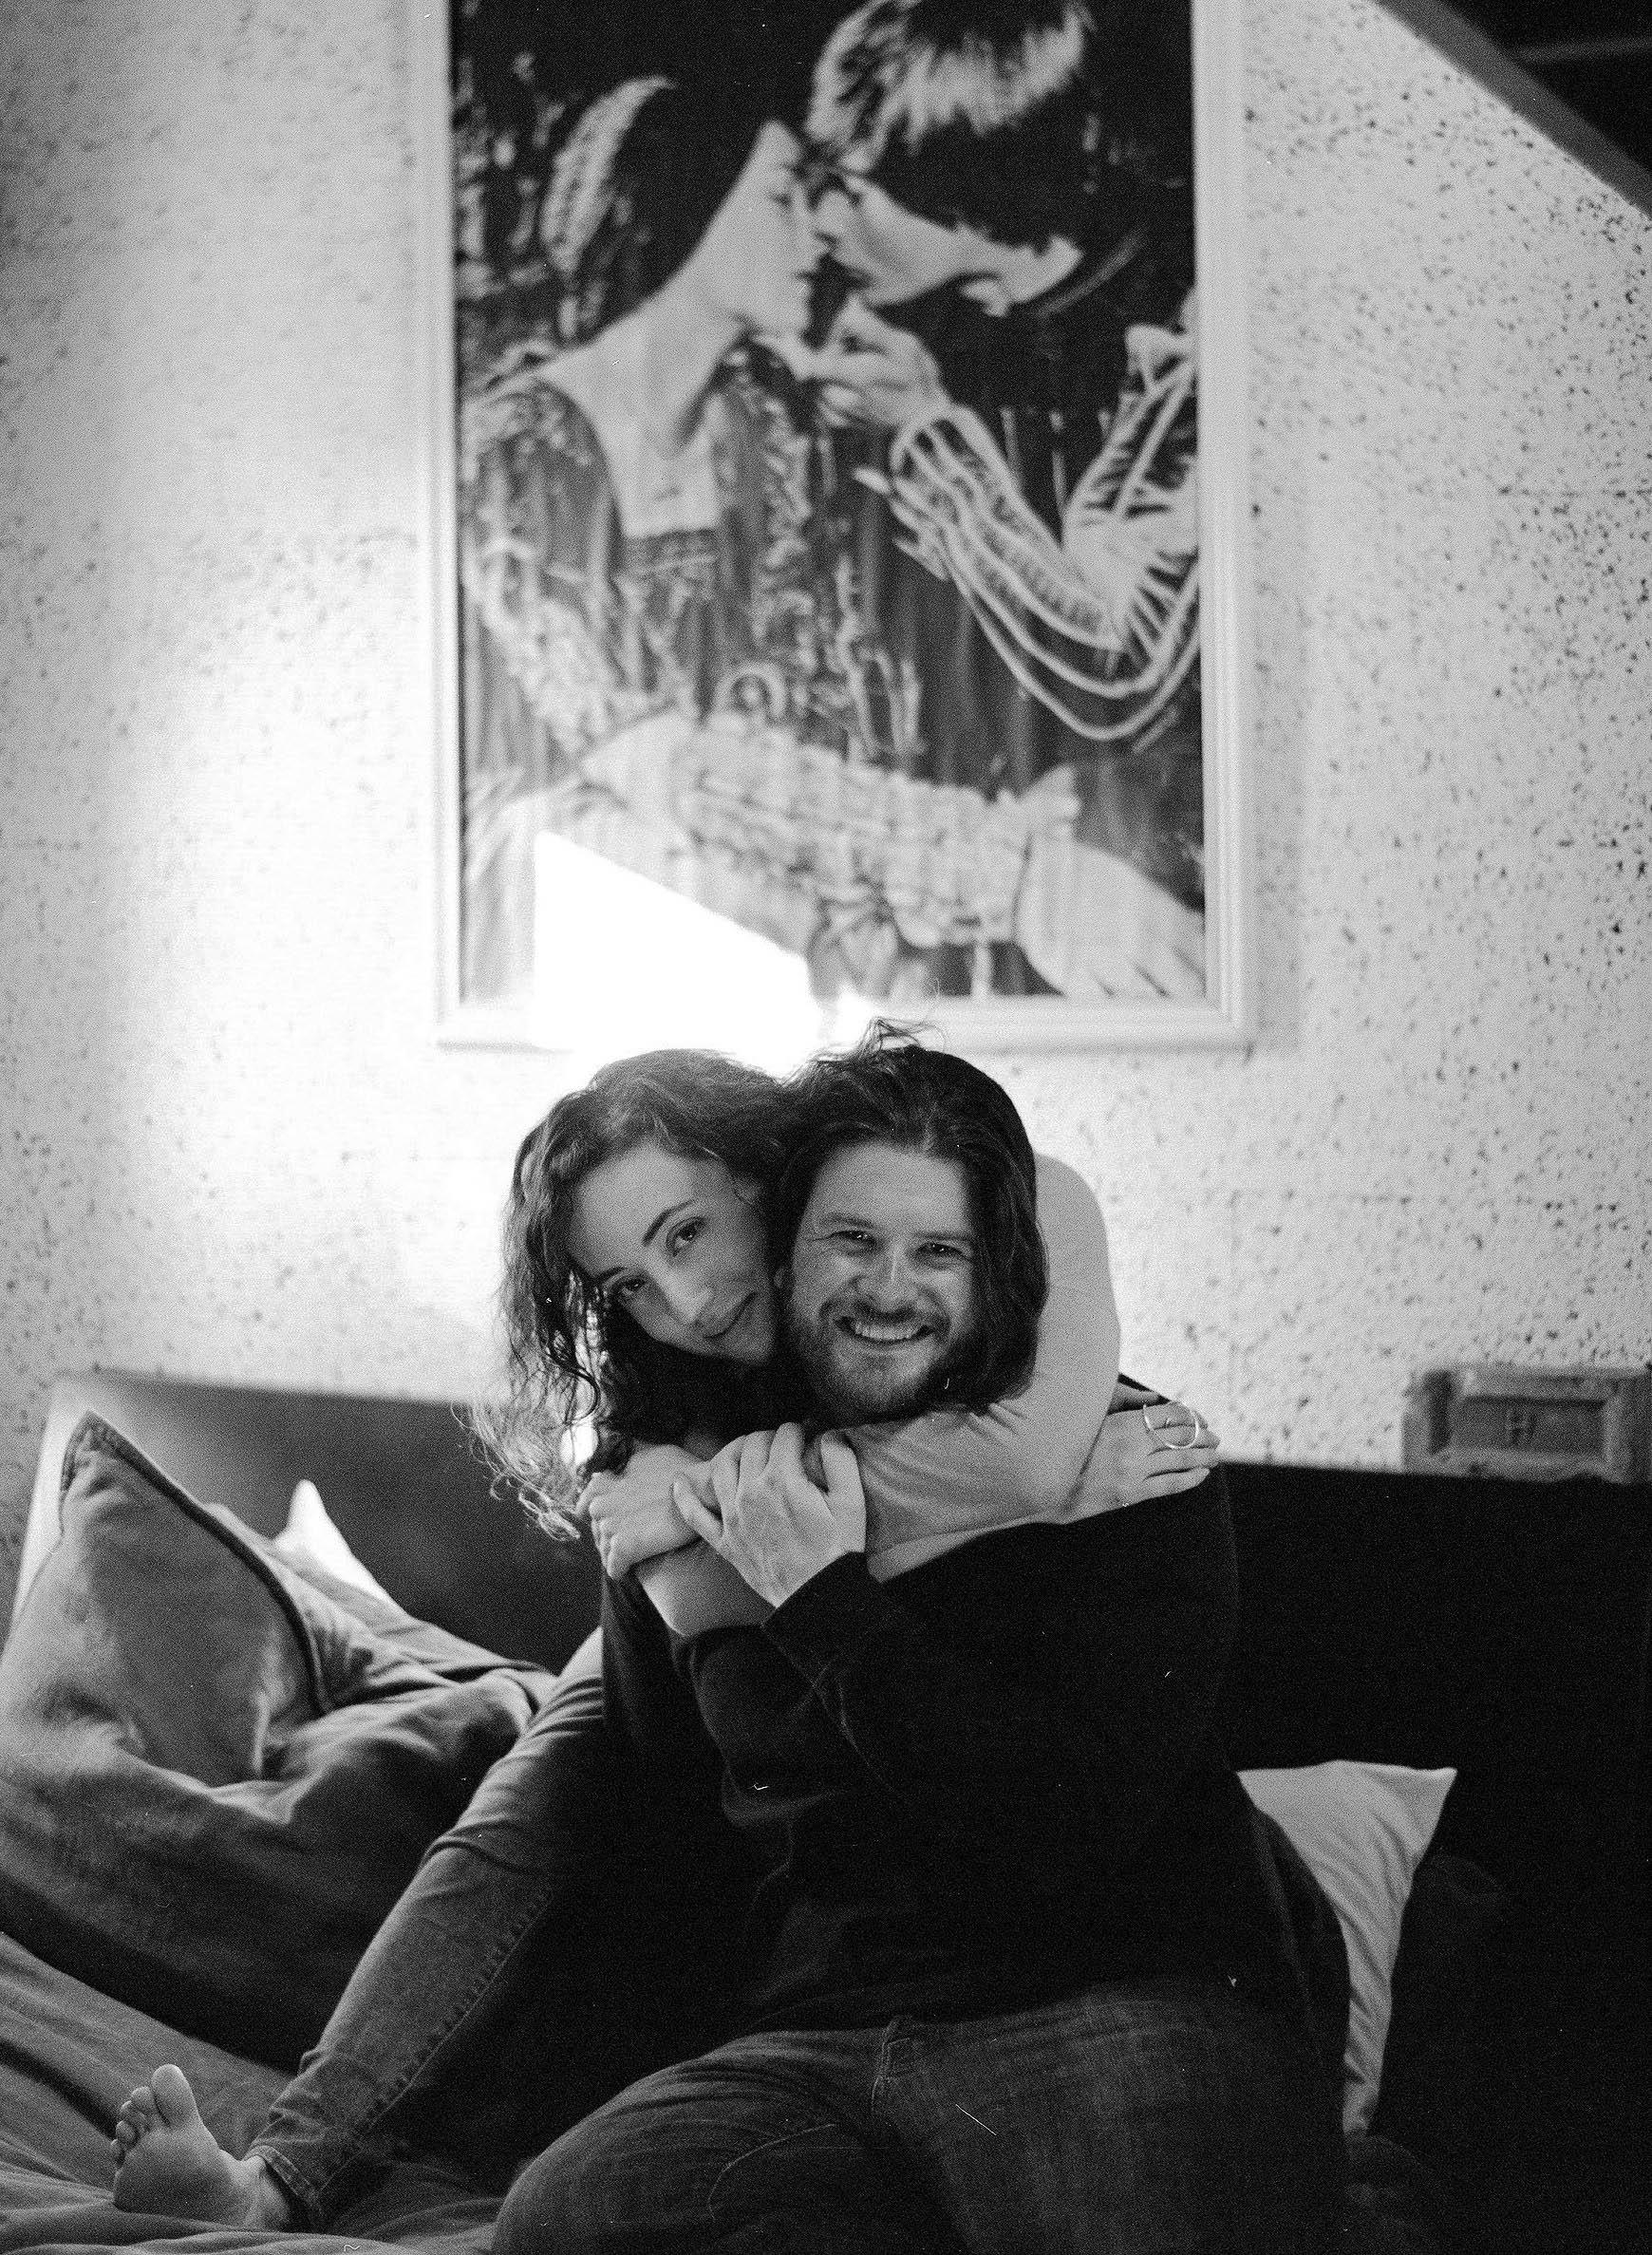 Kristen-Humbert-Family-Photoshoot-Philadelphia_Ruby-James-W-2-46.jpg